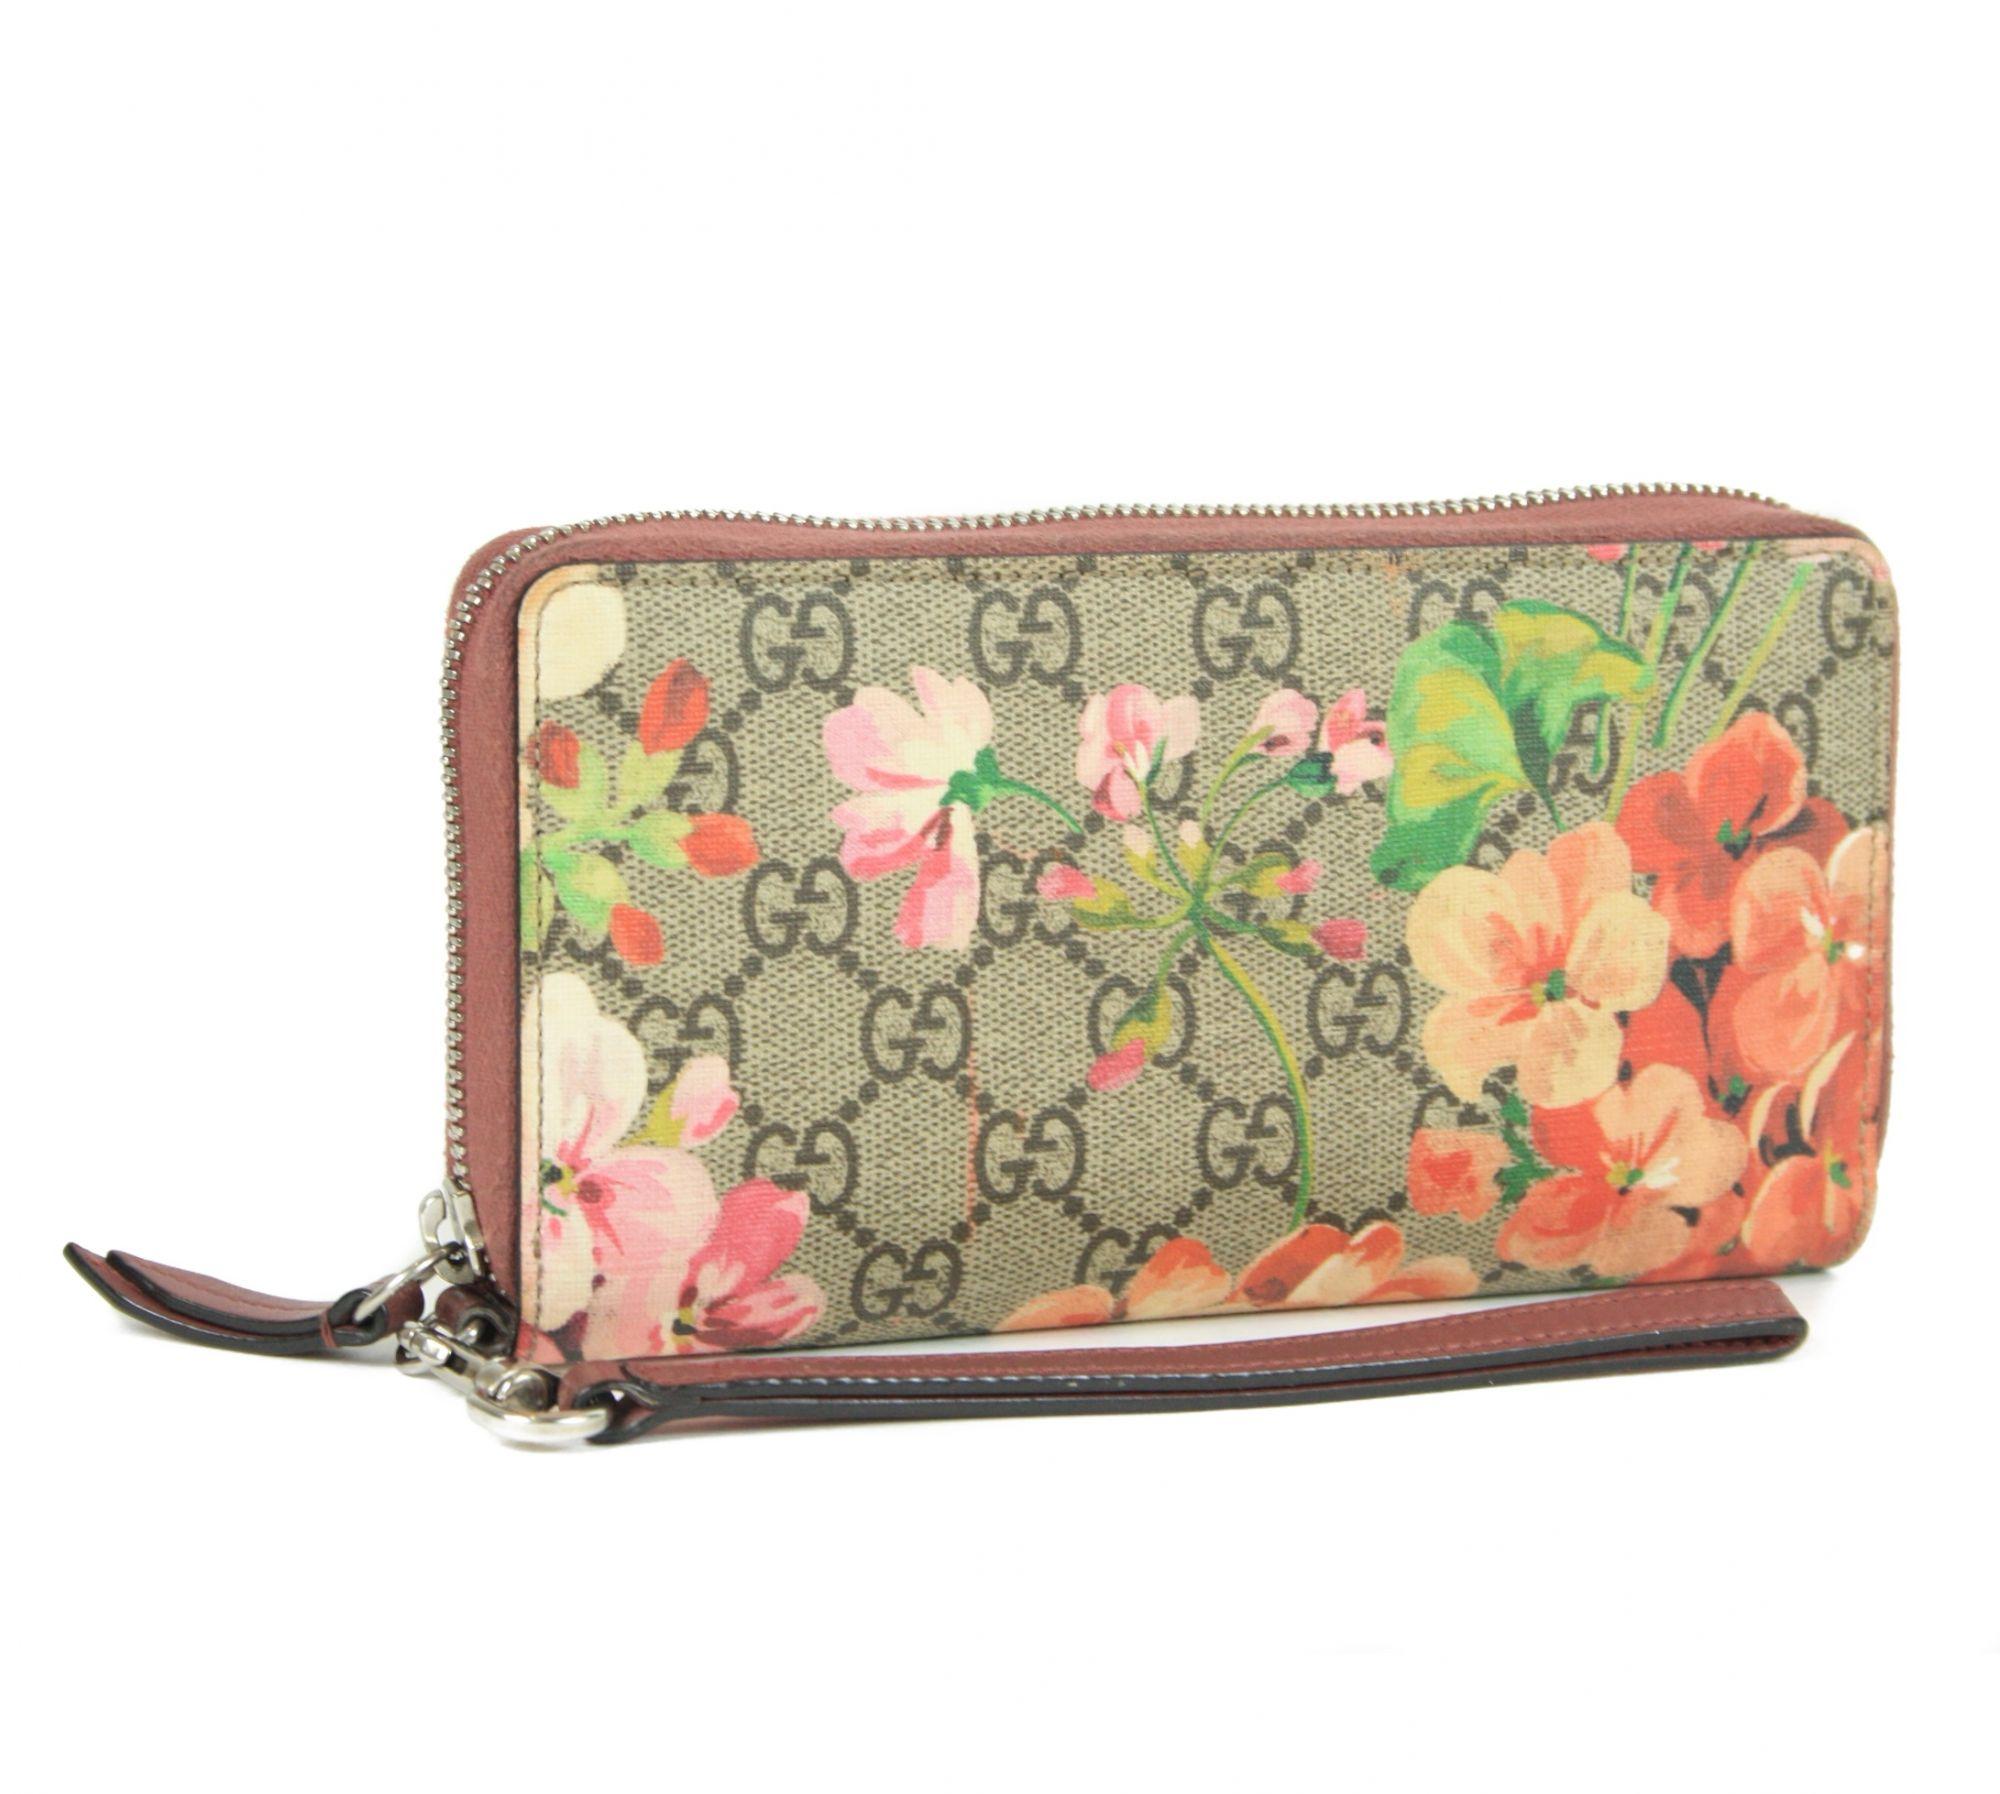 GG Blooms Supreme Zip Around Wallet